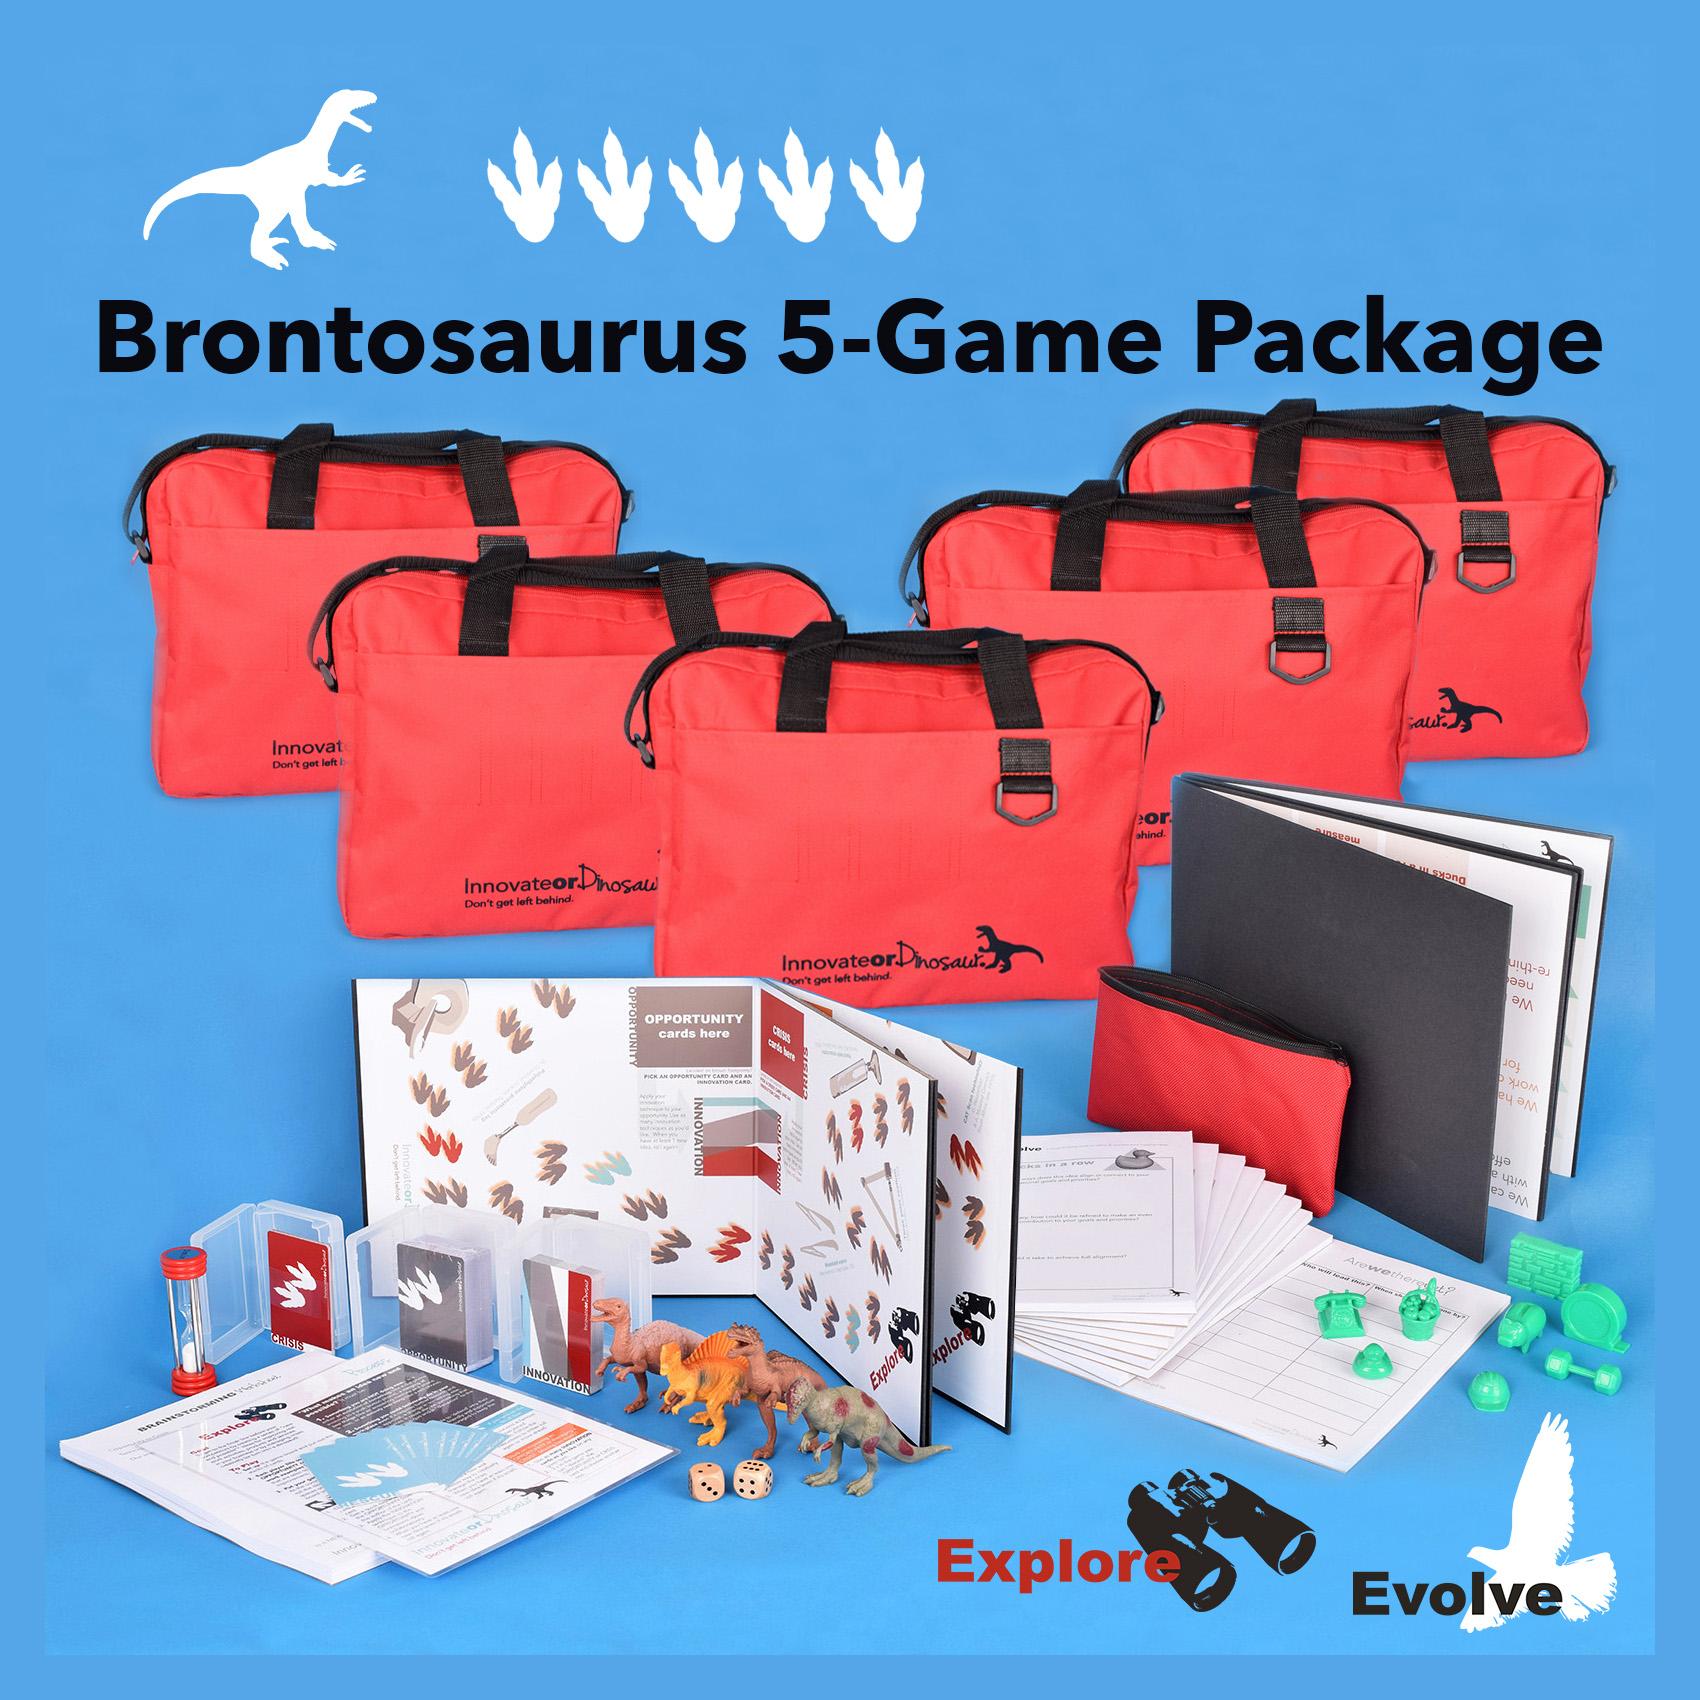 Brontosaurus 5-game package